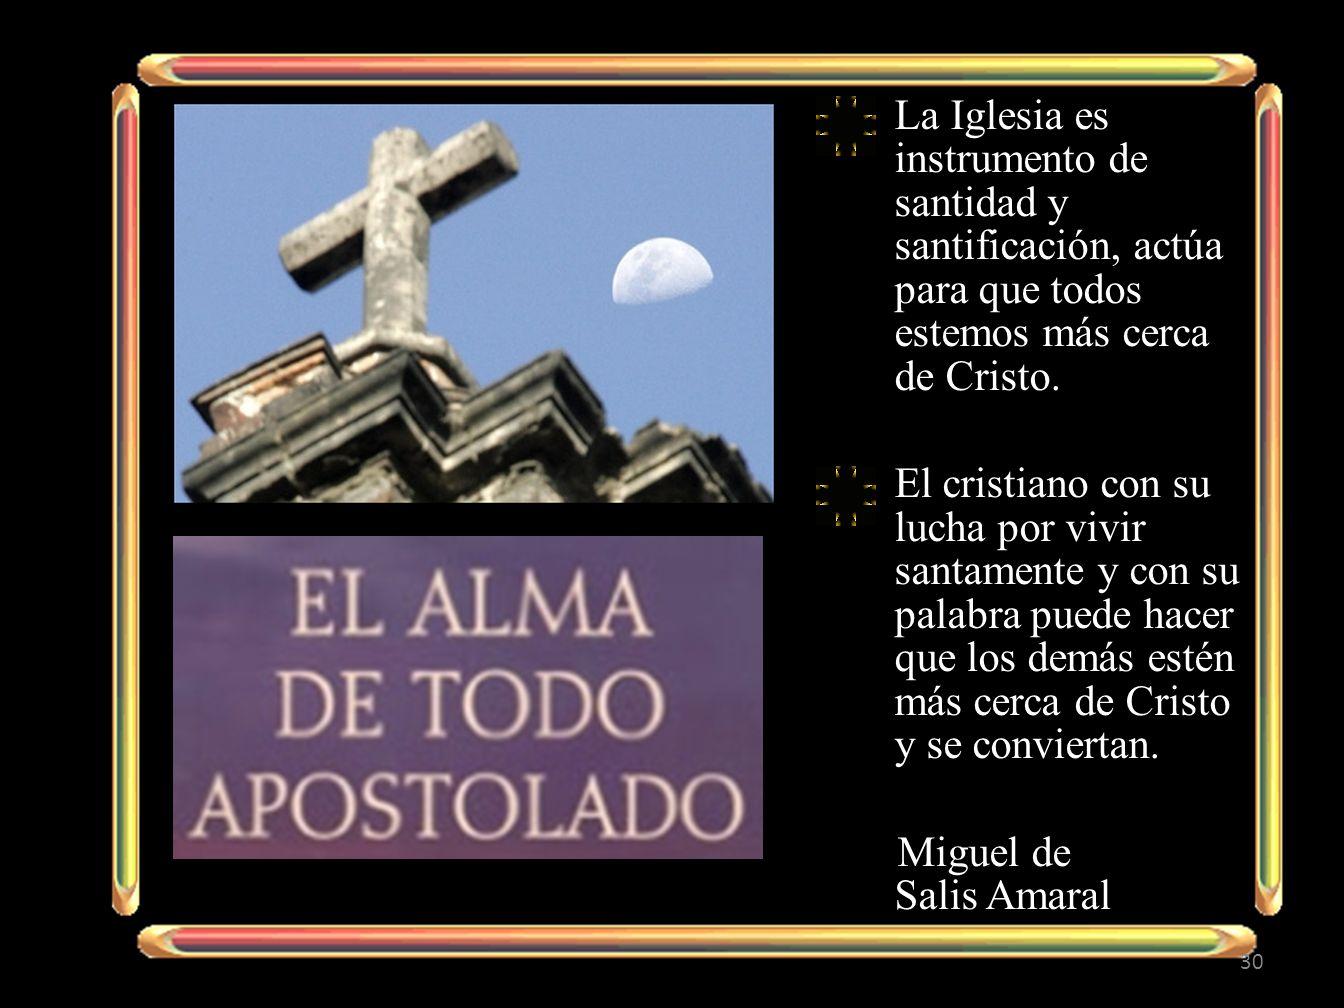 La Iglesia es instrumento de santidad y santificación, actúa para que todos estemos más cerca de Cristo.